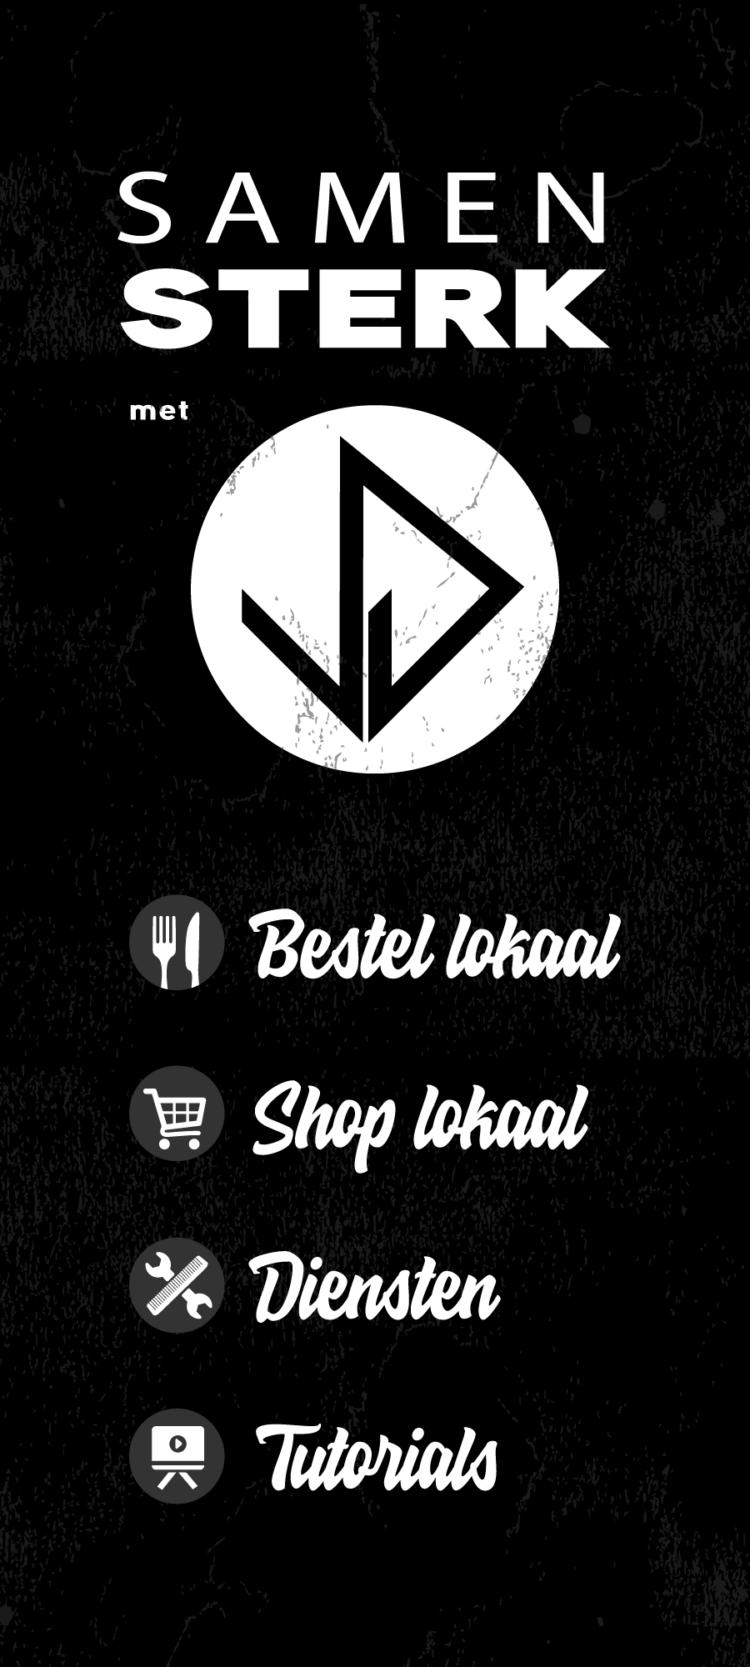 Samen Sterk! Bestel lokaal - Shop lokaal - Diensten - Tutorials - BeU agency